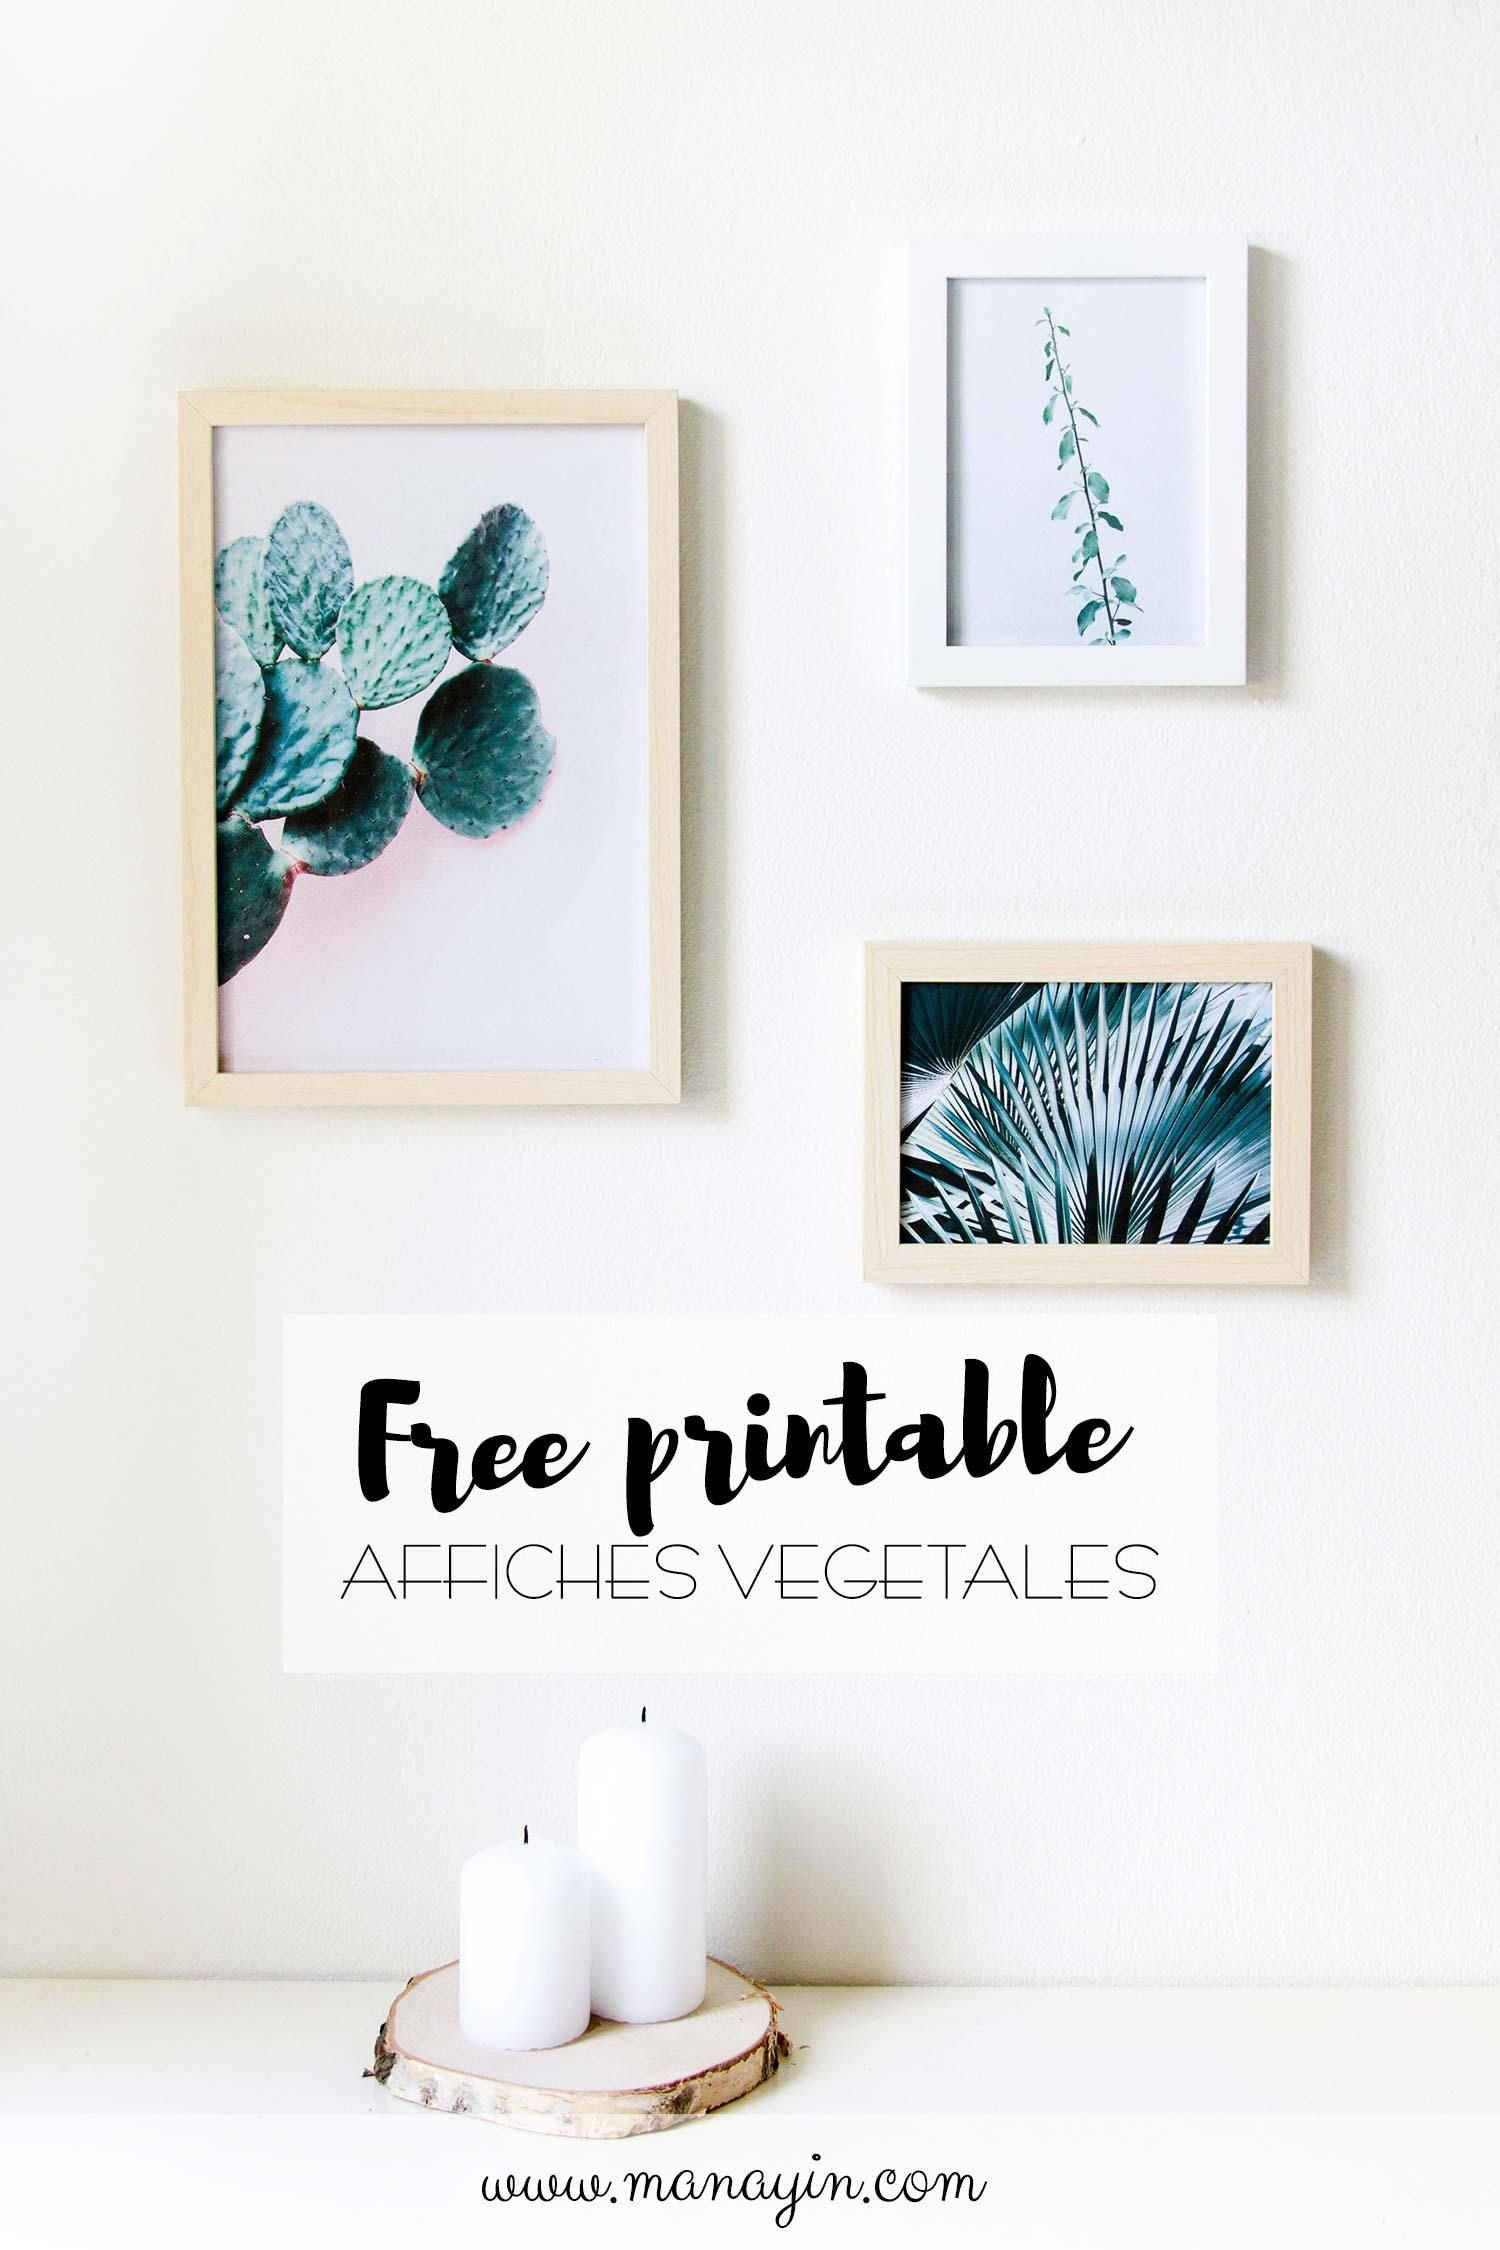 Deco Murale Vegetale 3 Affiches A Imprimer Gratuites Manayin Deco Murale Art Mural Imprimable Gratuit Idee Deco Gratuite